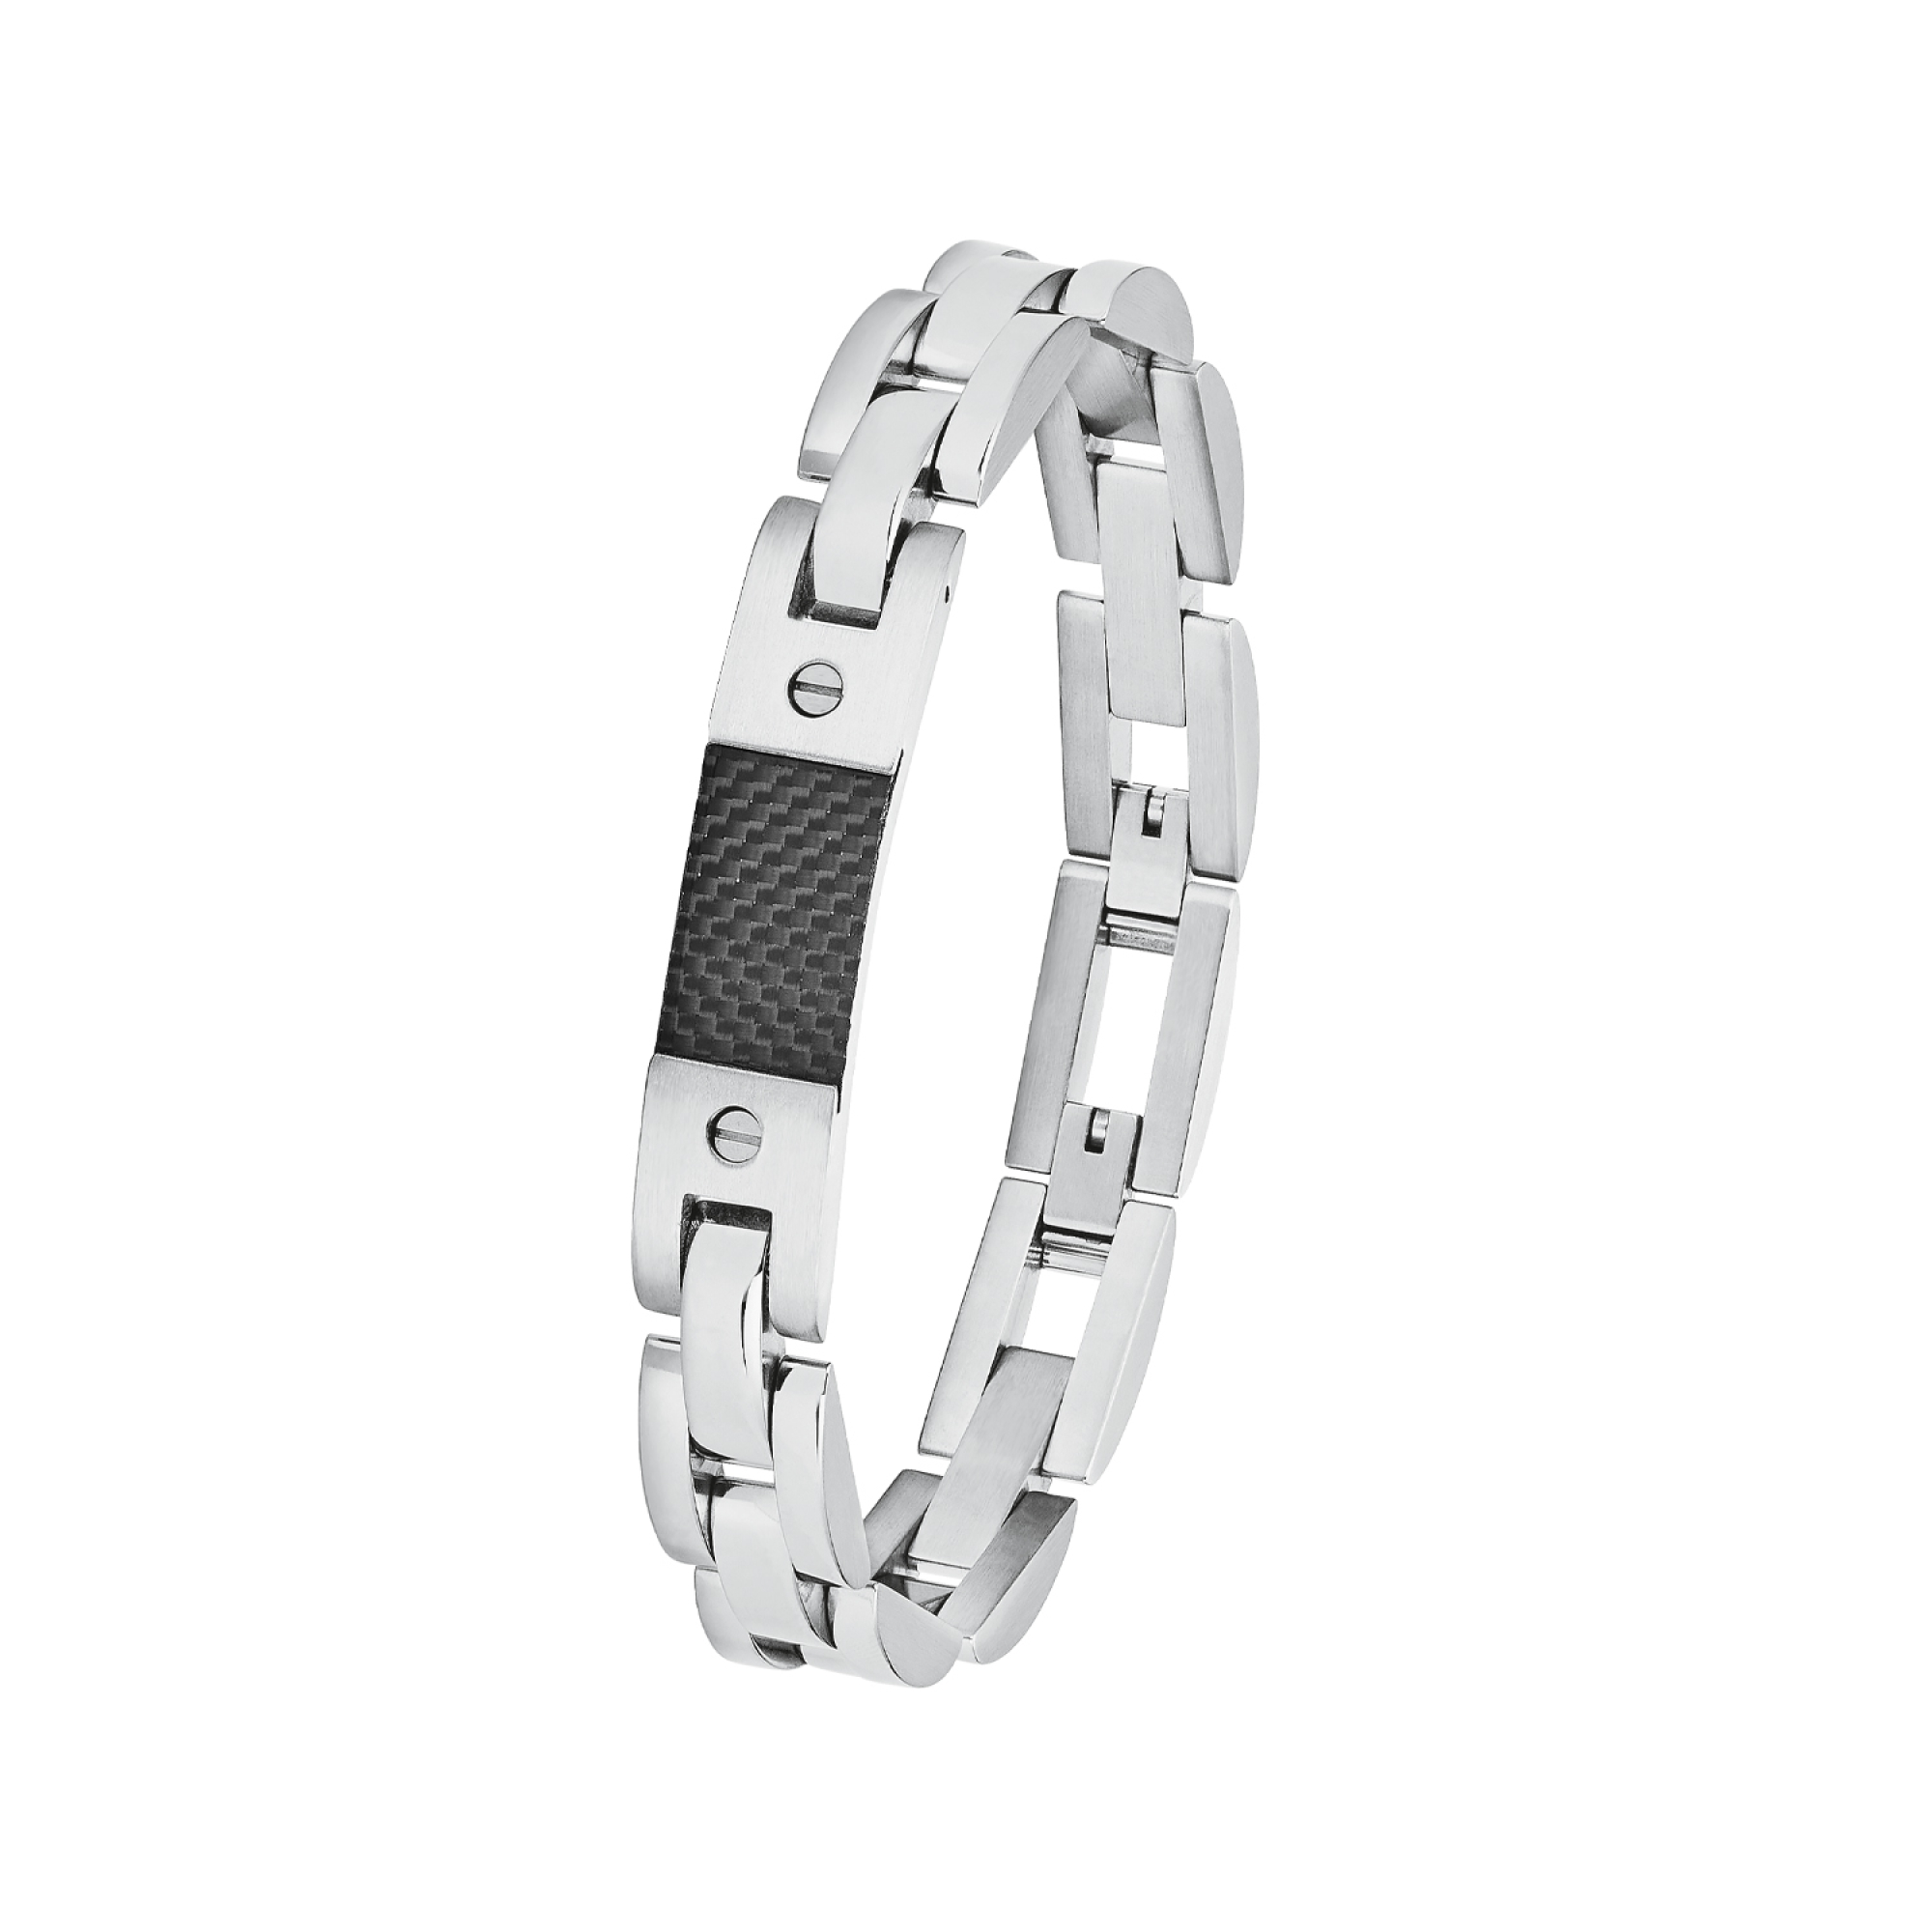 Armband für Herren, Edelstahl mit Carbon, 24 cm